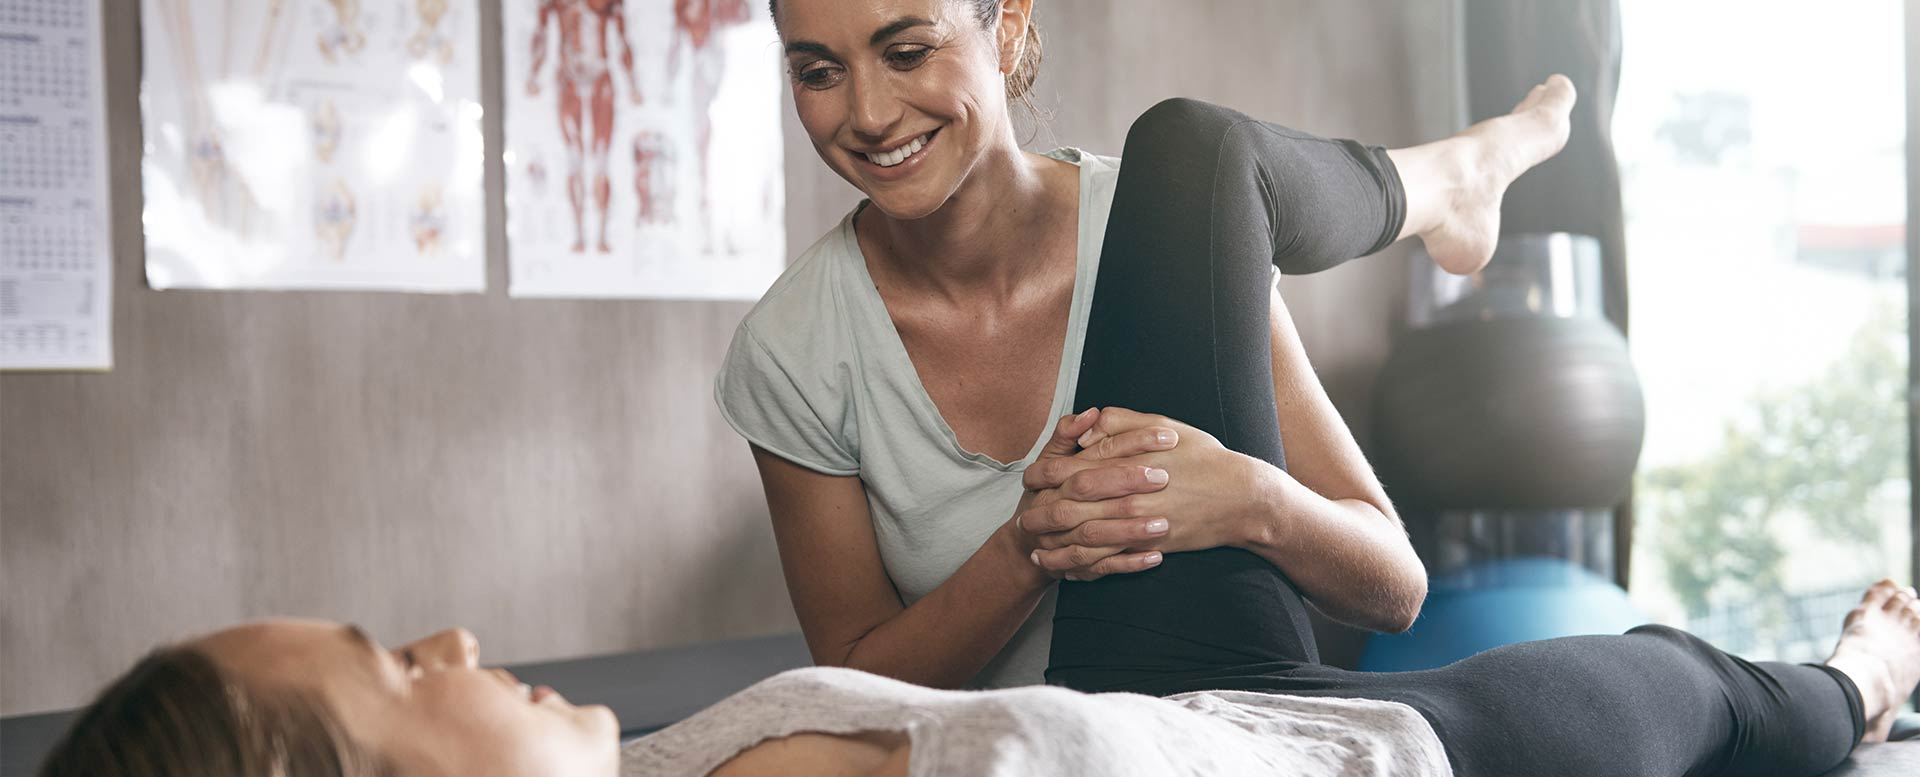 Physiotherapie nach Freizeitunfall